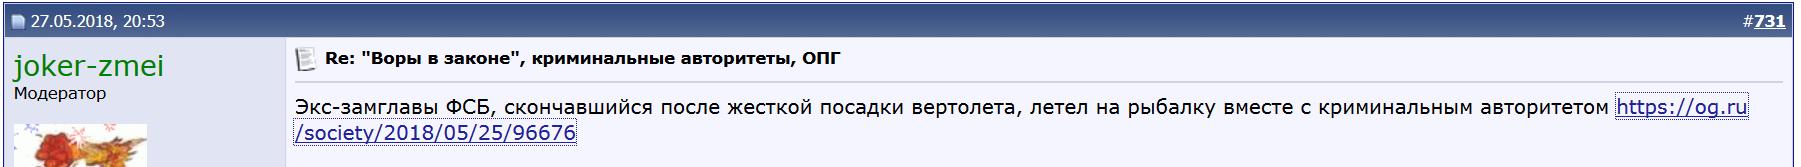 Заместитель экс-главы ФСБ(!!!...) летит вместе со своим криминальнымдружком на рыбалку...